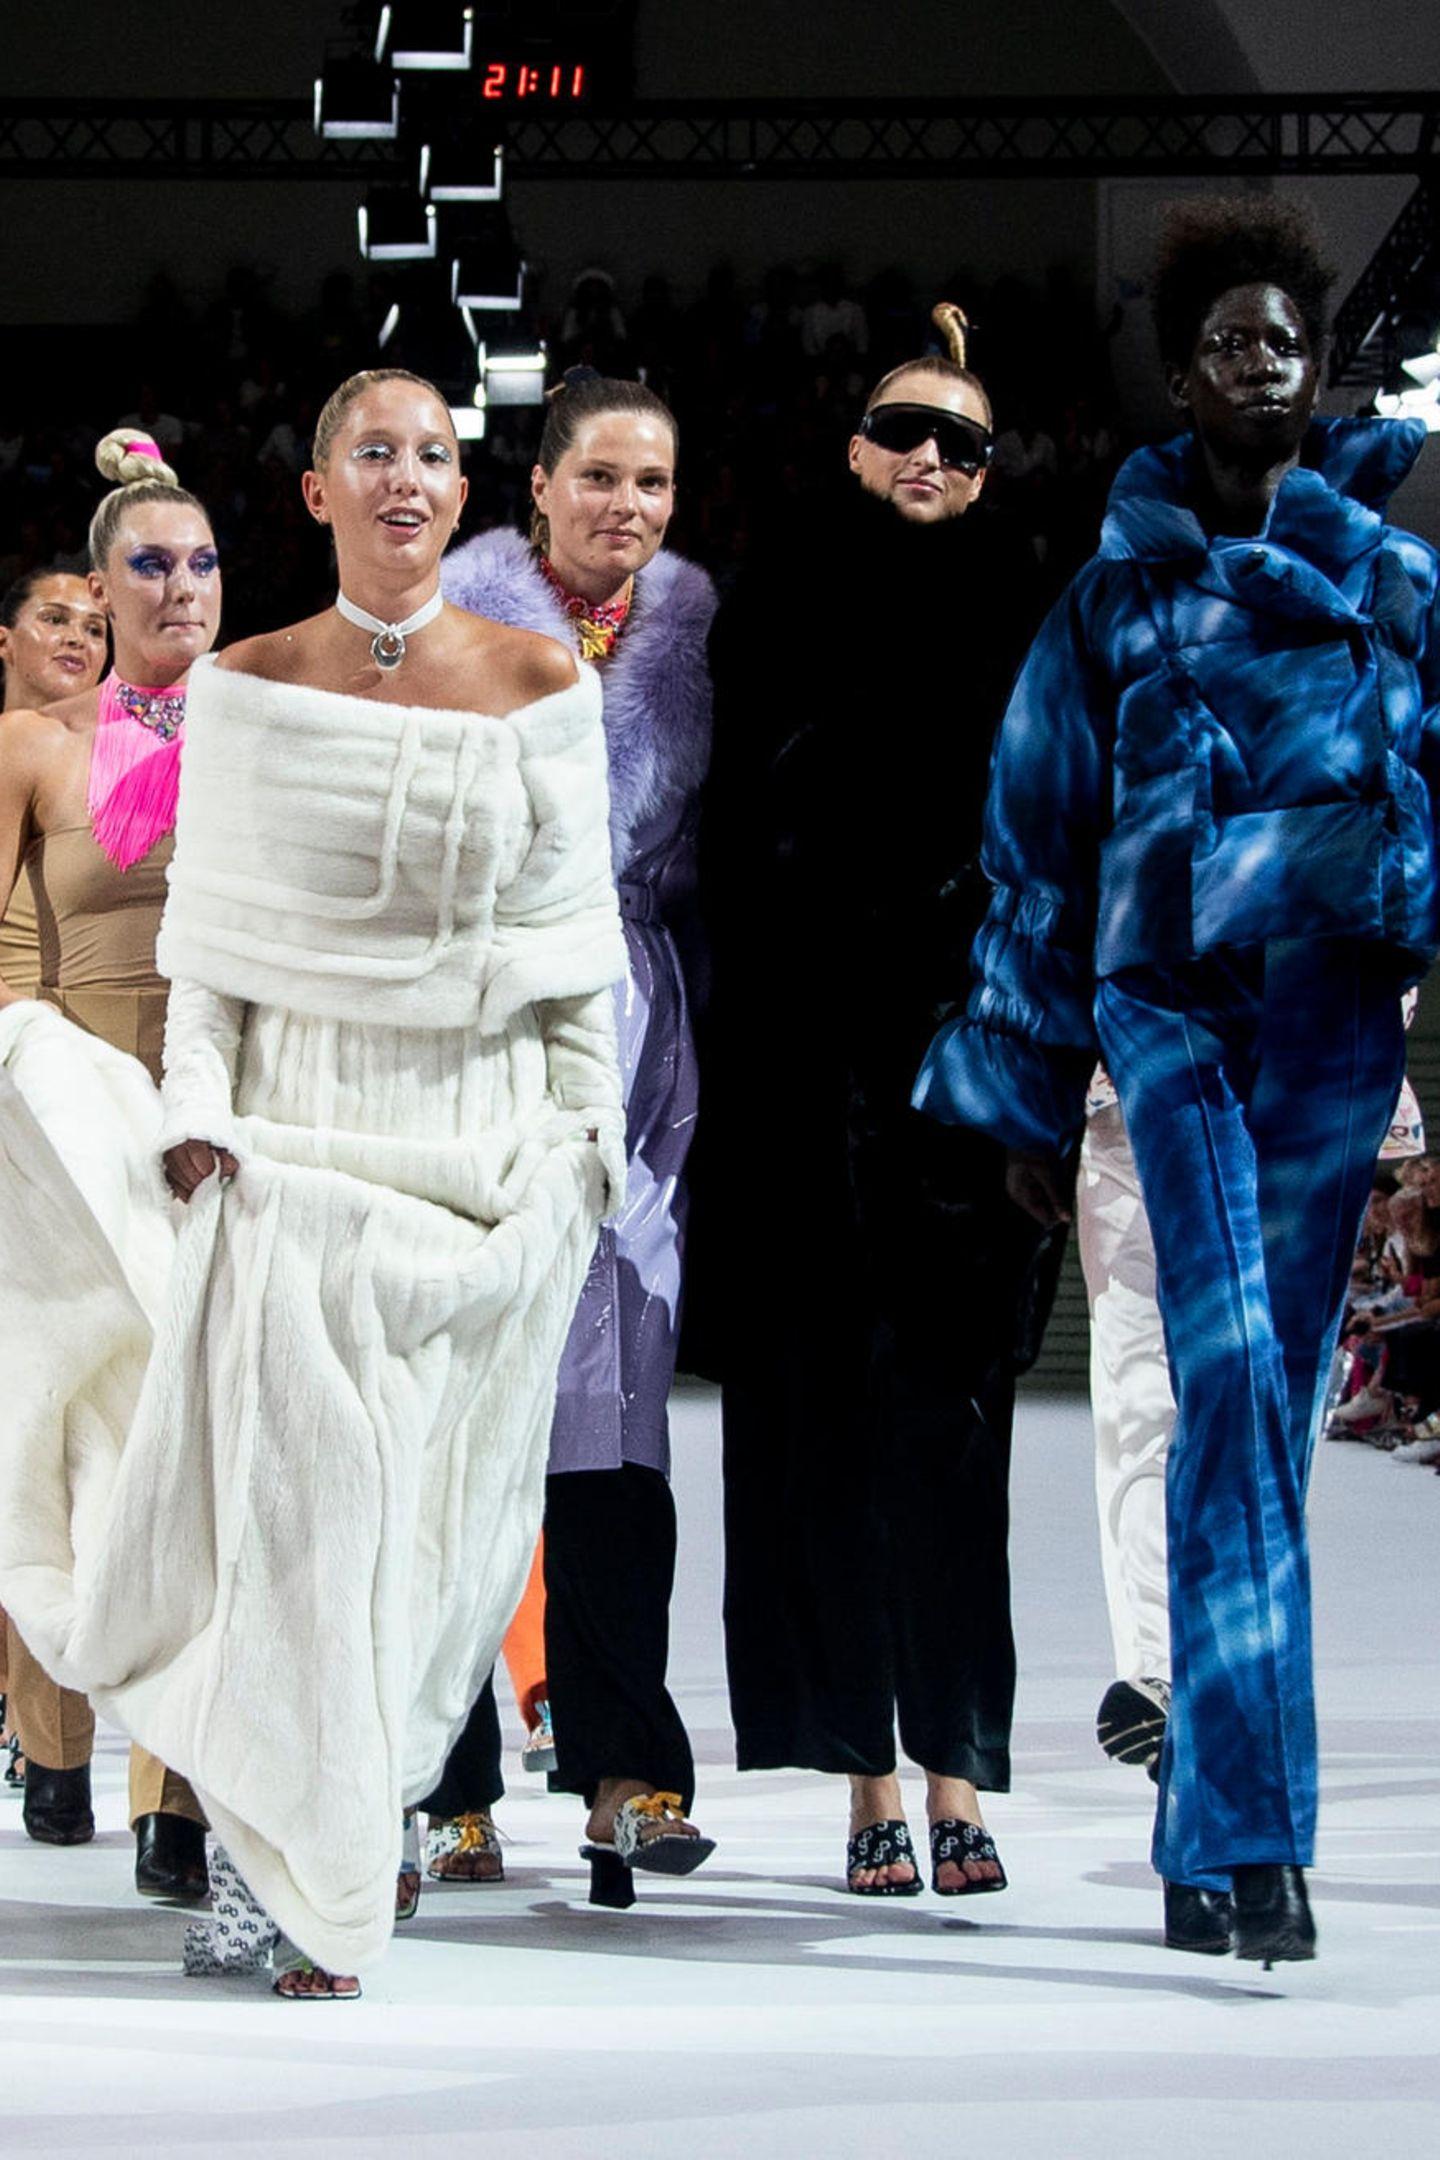 Unter den Models der Kopenhagen Fashion Week entdeckt man im August 2018 die bezaubernde Prinzessin Maria Olympia. In einem weißen Kleid sticht sie wunderschön hervor und wirkt äußerst grazil.